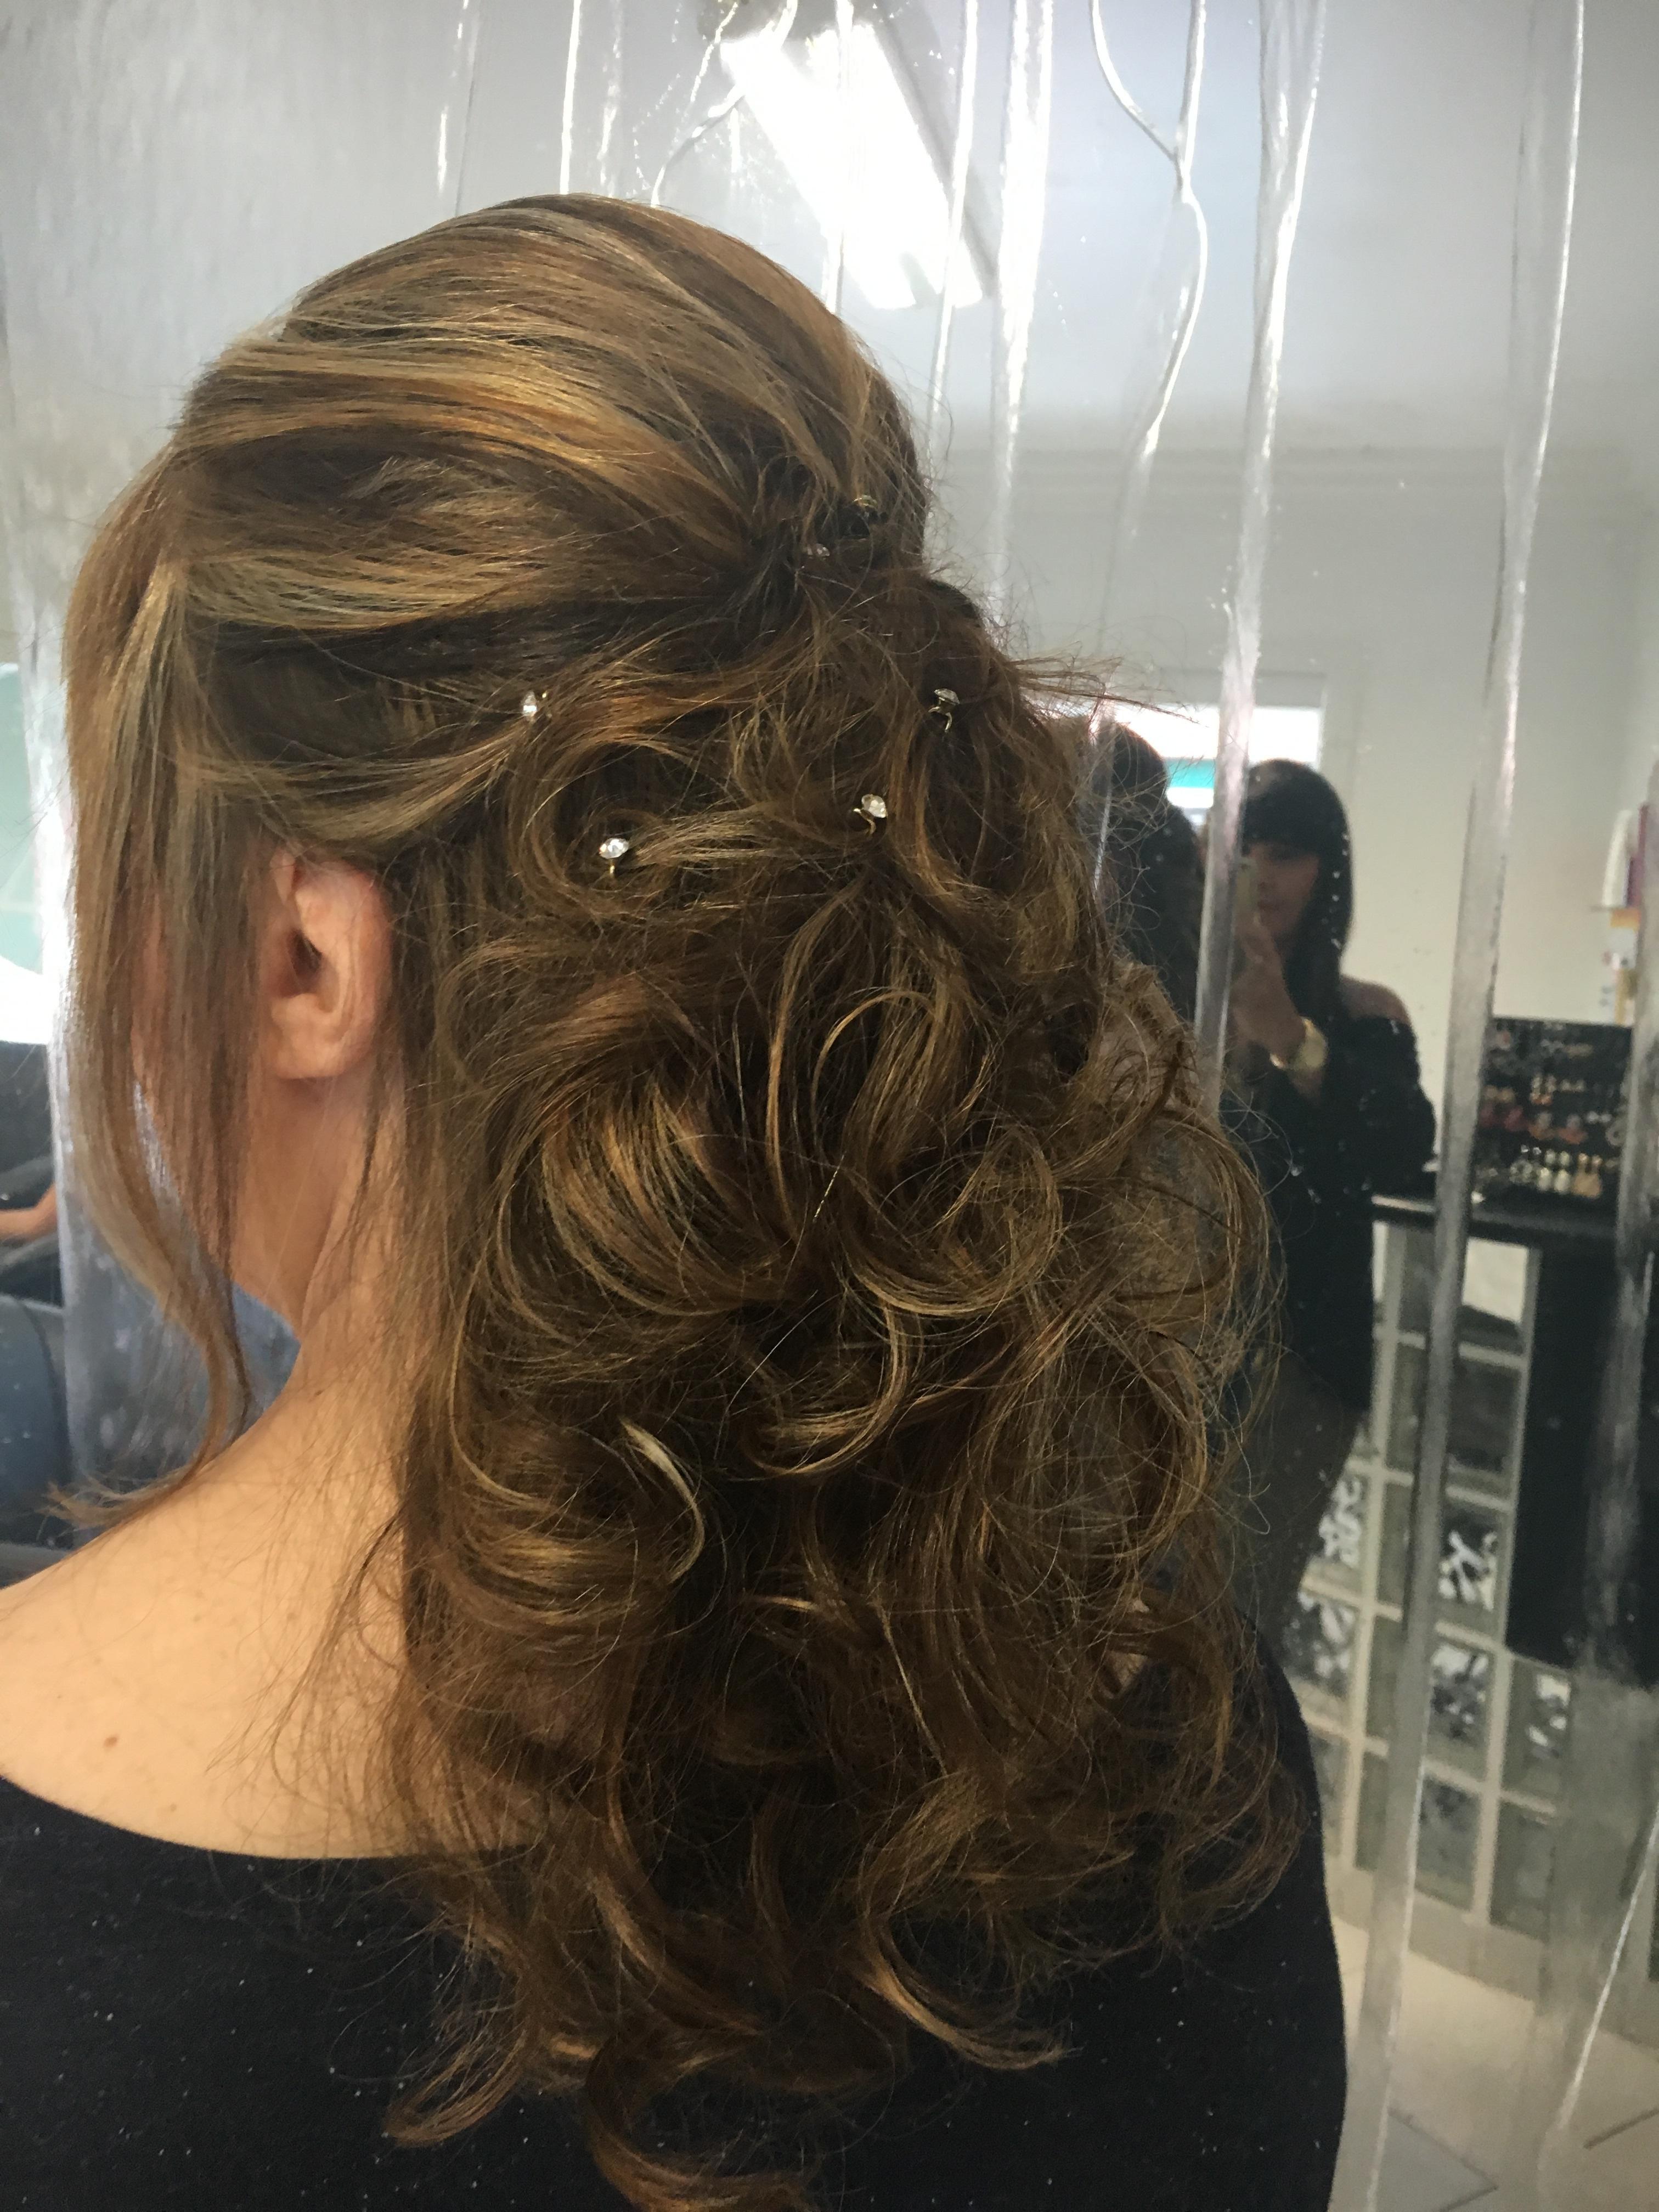 Penteado by Ville Blanc Team cabelo empresário(a)